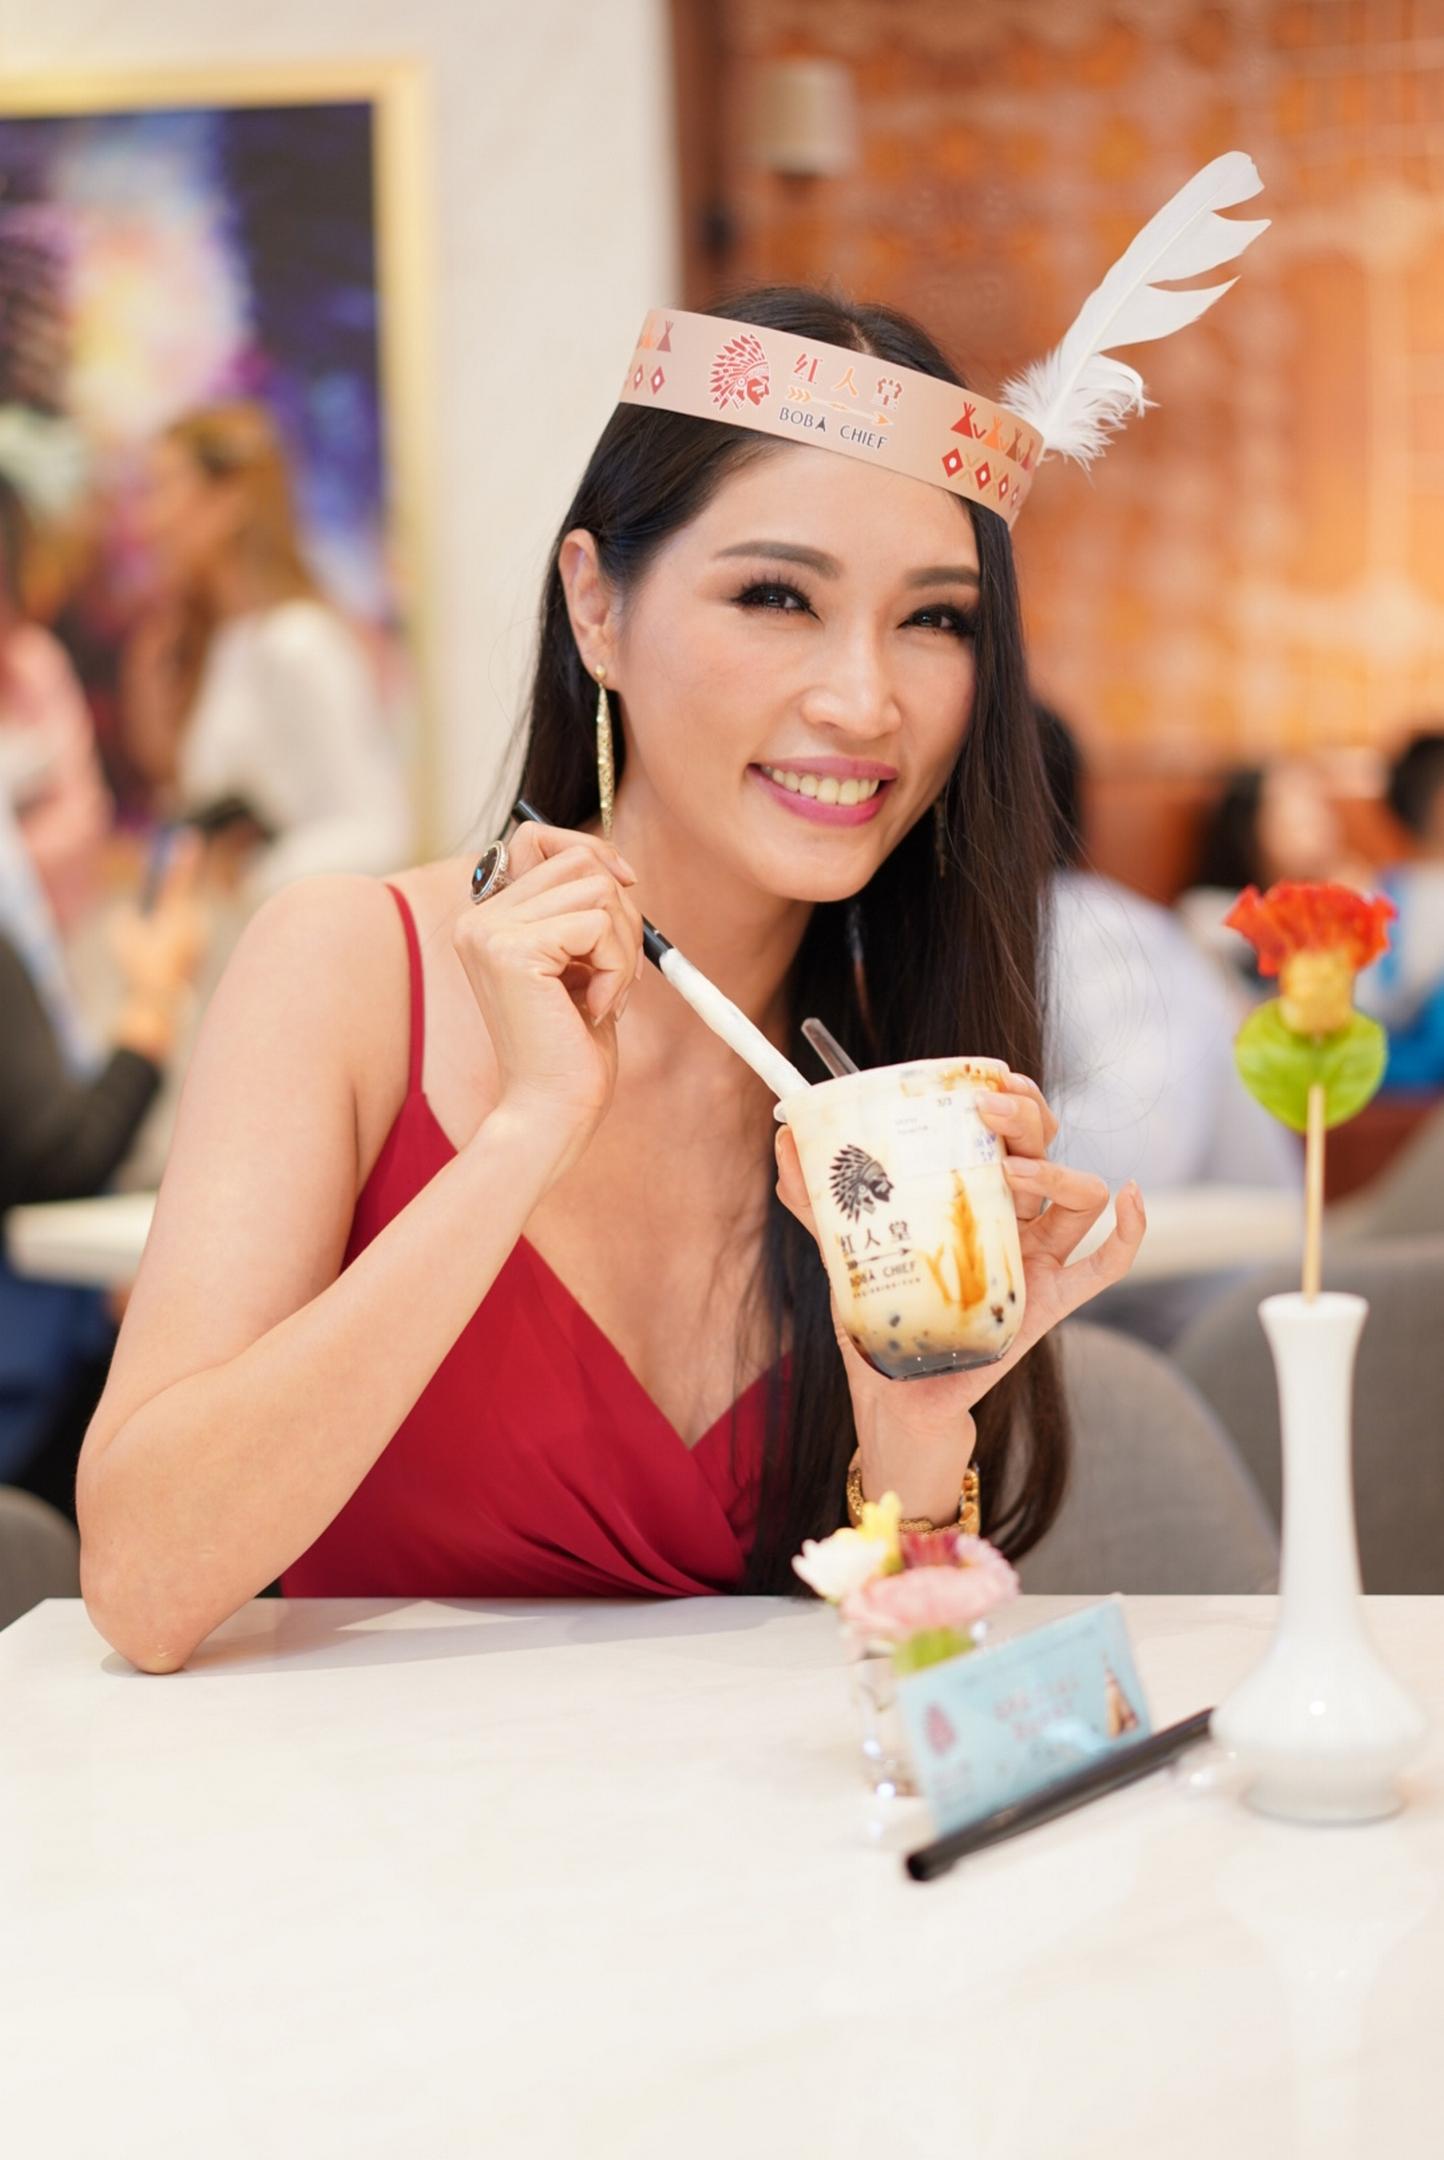 大马名模Amber Chia也难挡猫山王榴梿珍珠鲜奶的魅力。